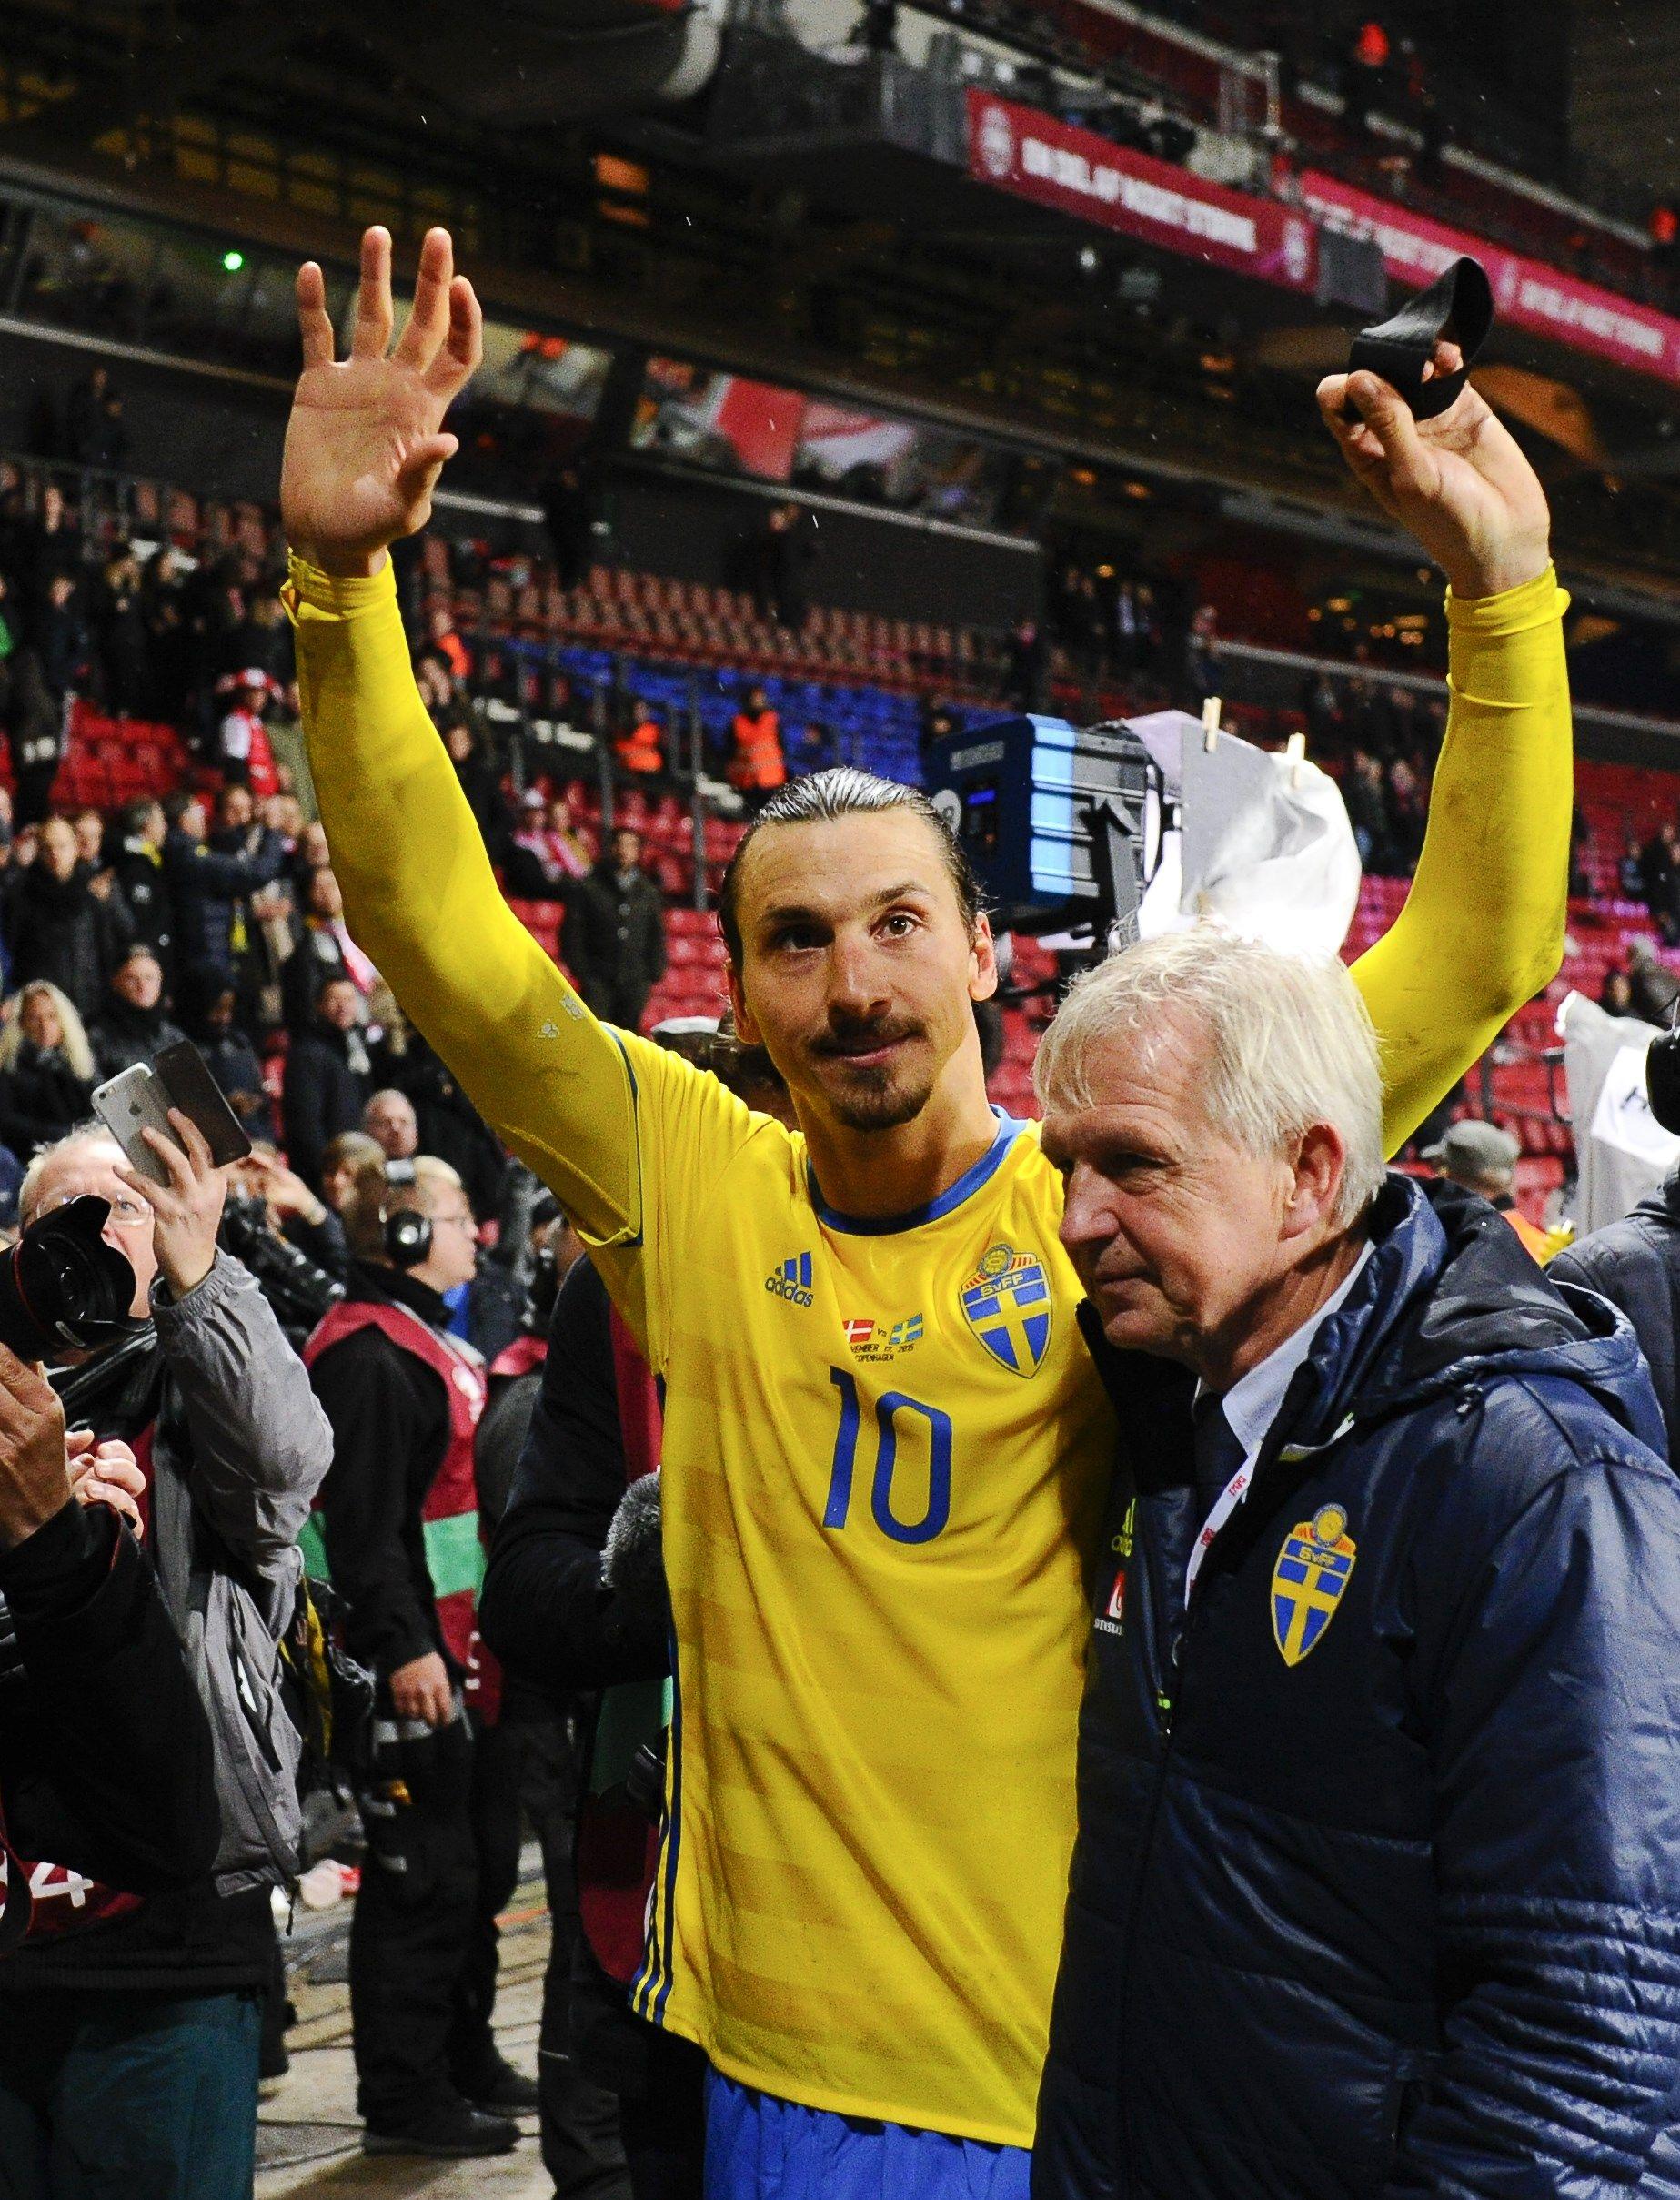 HVOR GÅR VEIEN? Svenskenes store stjerne Zlatan står uten klubb foran neste sesong, men sier selv at «han har tatt valget» angående hvor han skal spille. Manchester United er et av lagene som nevnes hyppigst av pressen.